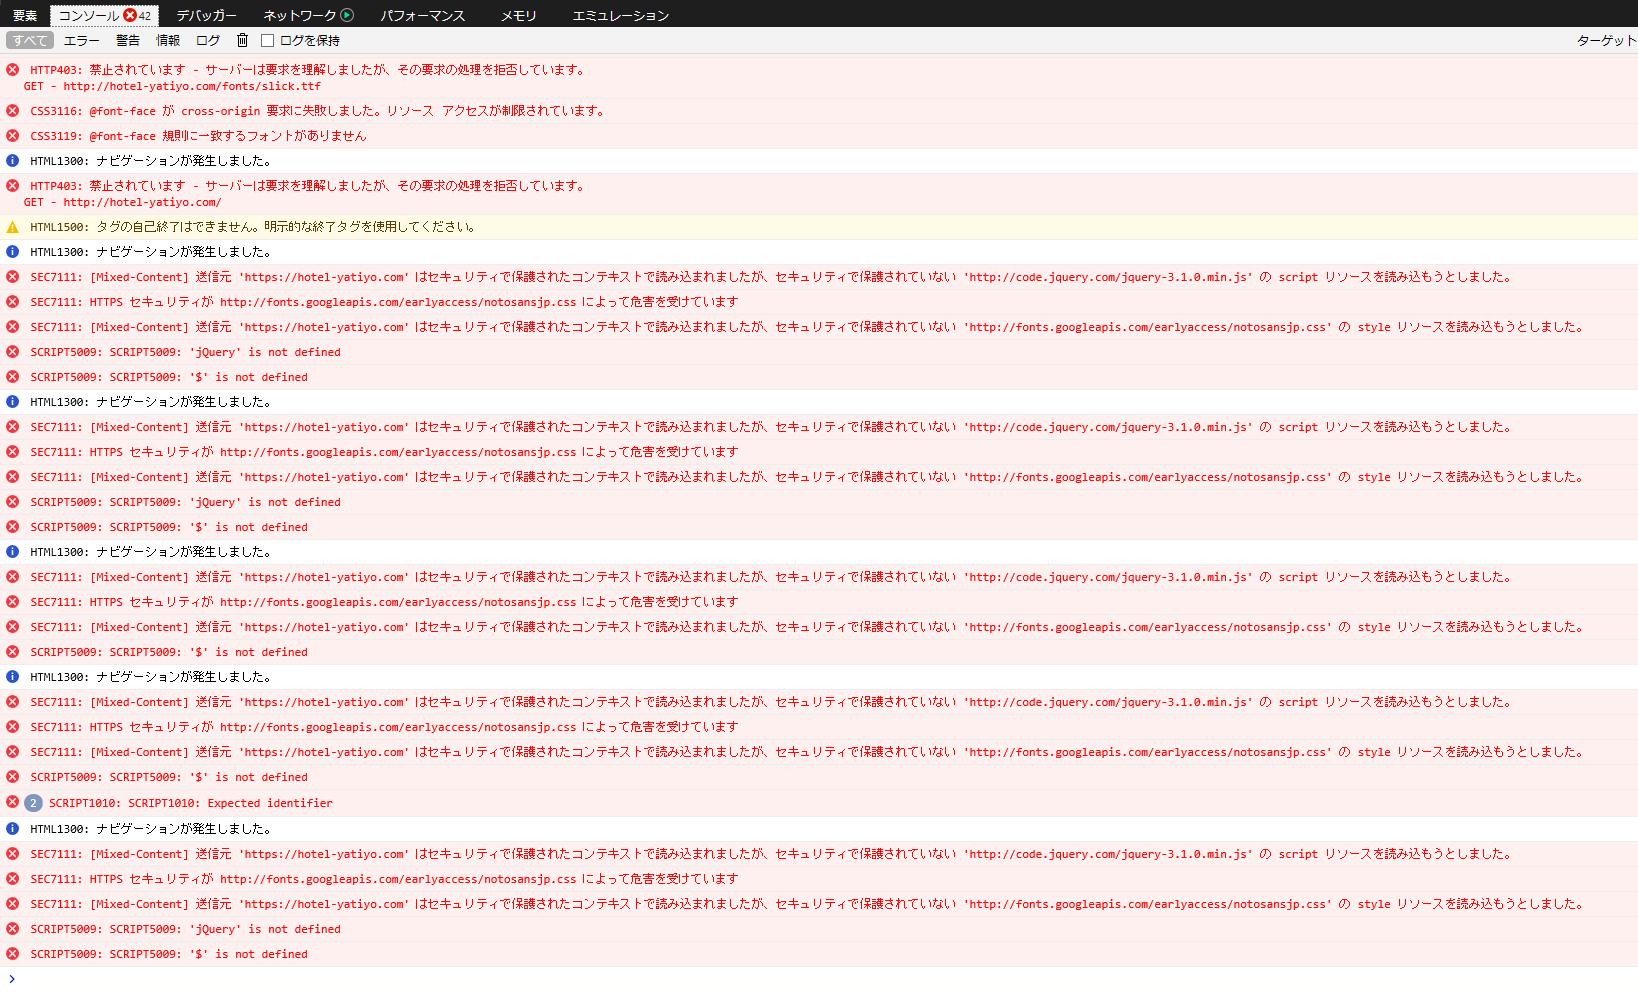 ロリポップにSSL入れたらJavaScriptが動かなくなった話